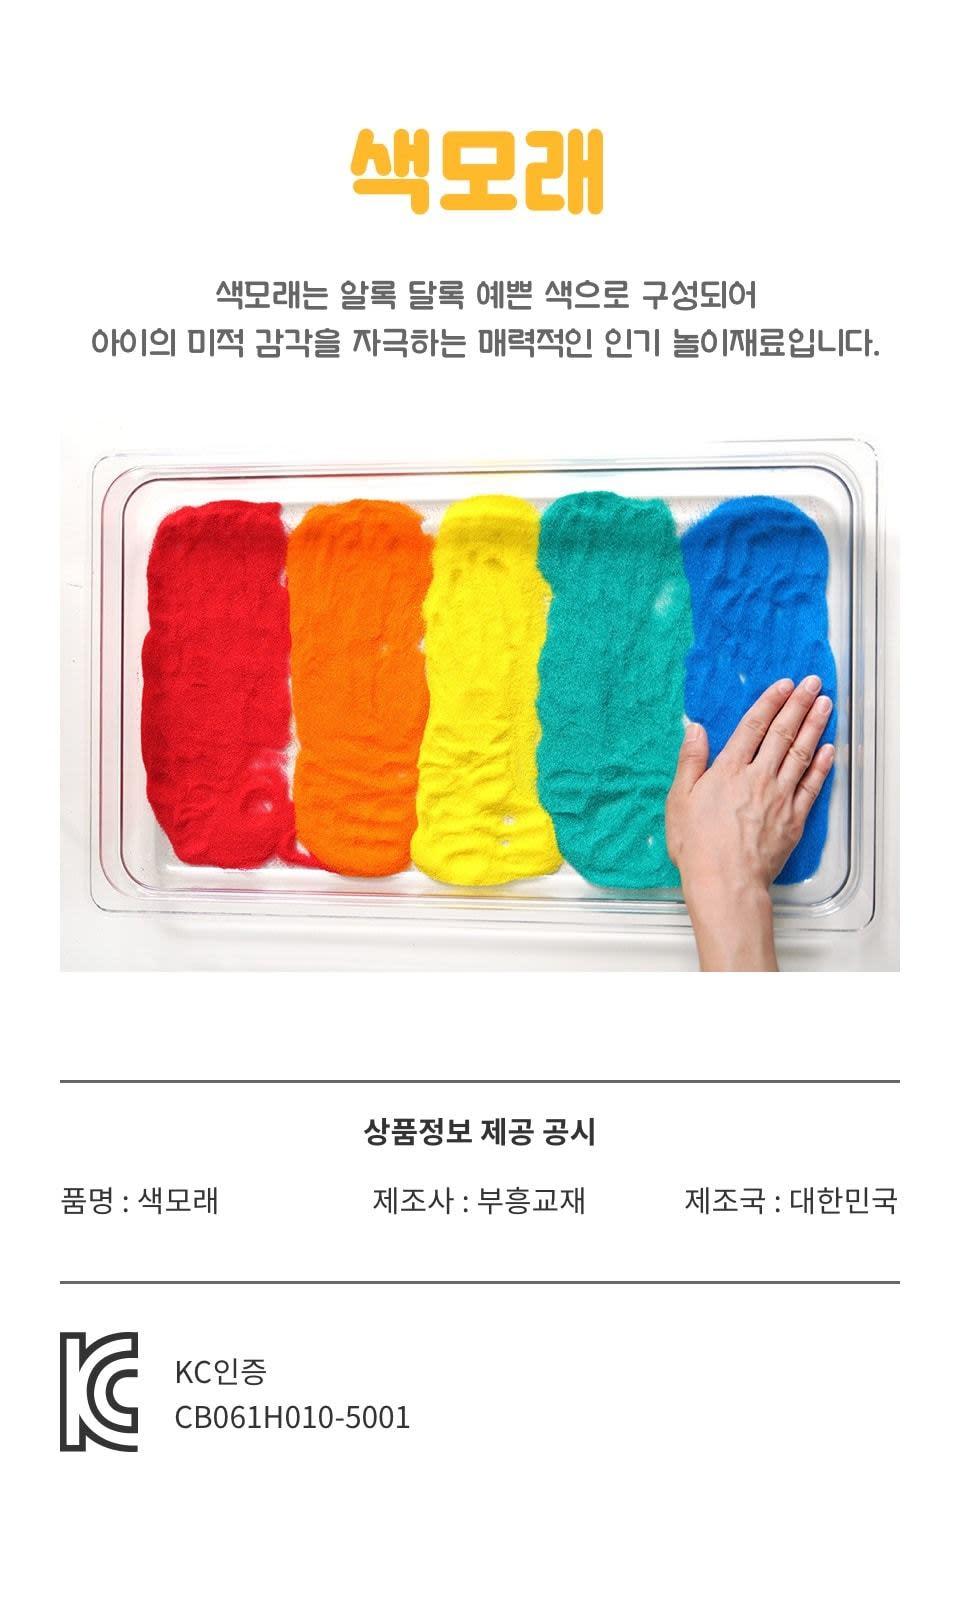 Tnftfwgkqao5e0kgf2m3